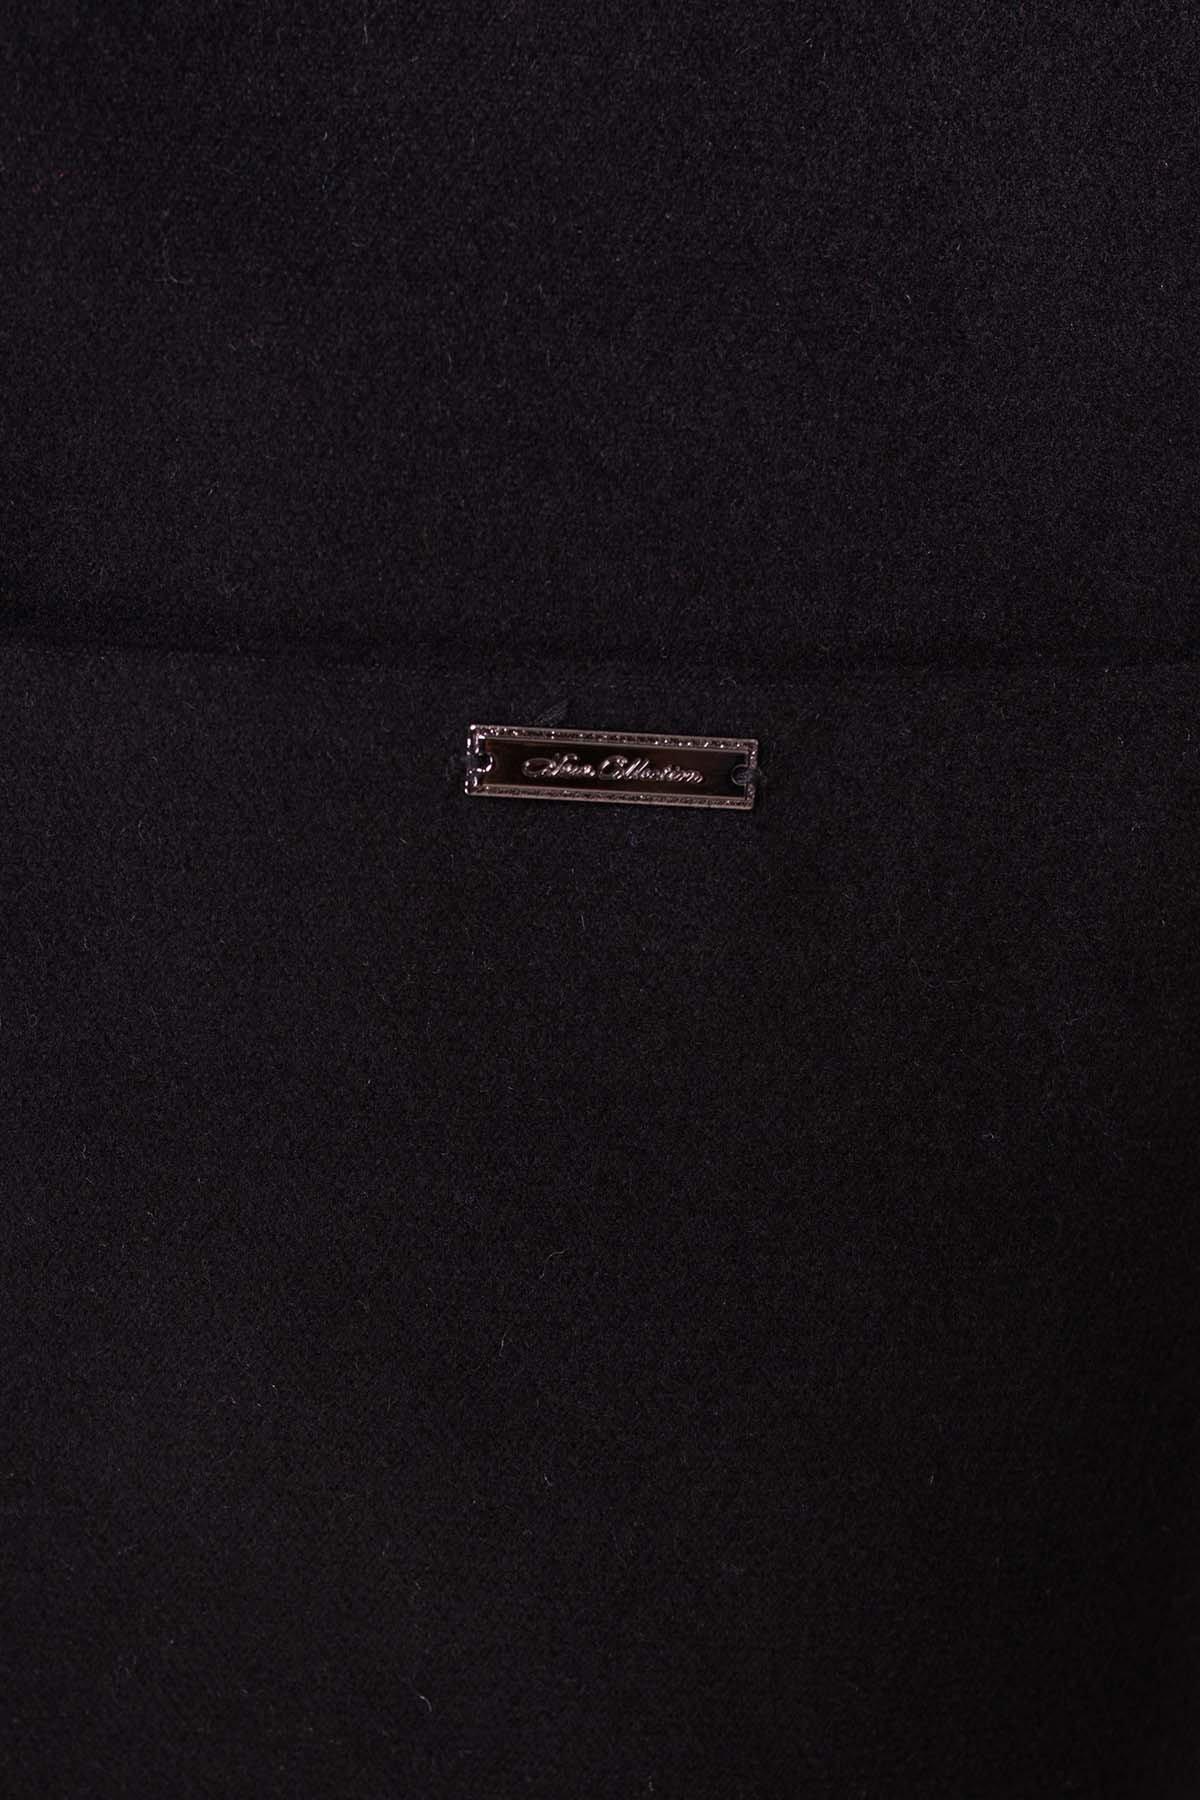 Пальто Вейси 1985 АРТ. 13688 Цвет: Черный - фото 5, интернет магазин tm-modus.ru